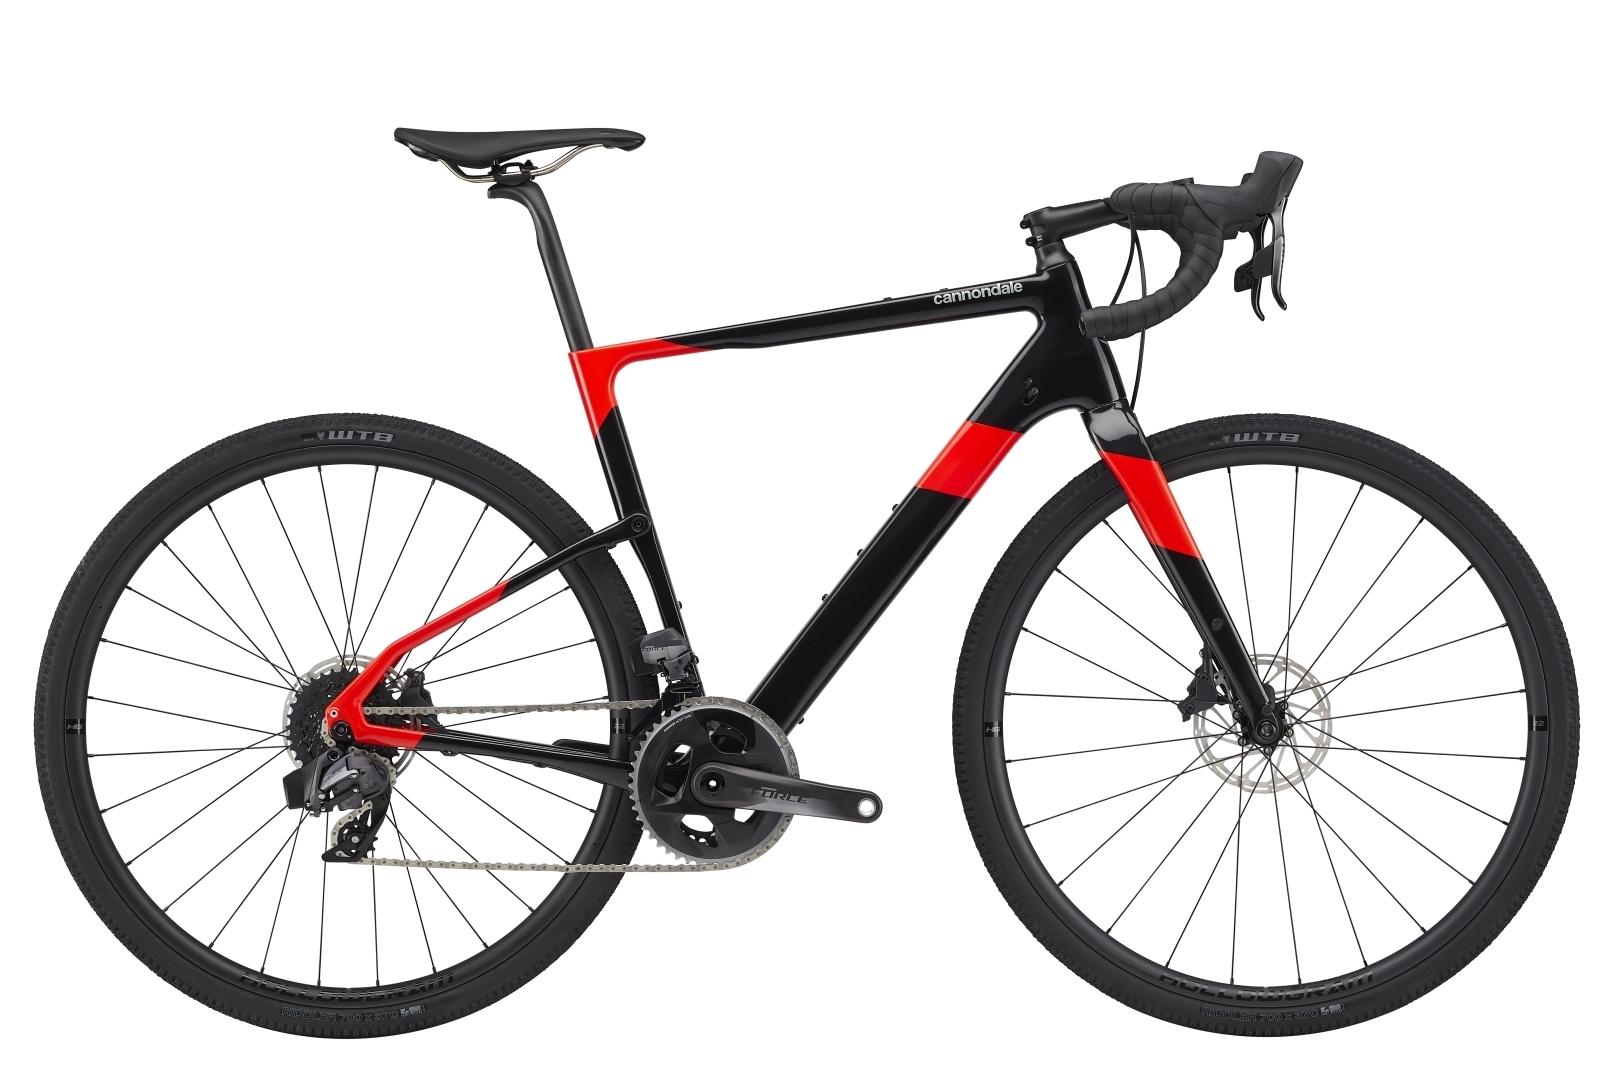 Cannondale Topstone Carbon Force eTAP gravel kerékpár - fekete - L (2020)